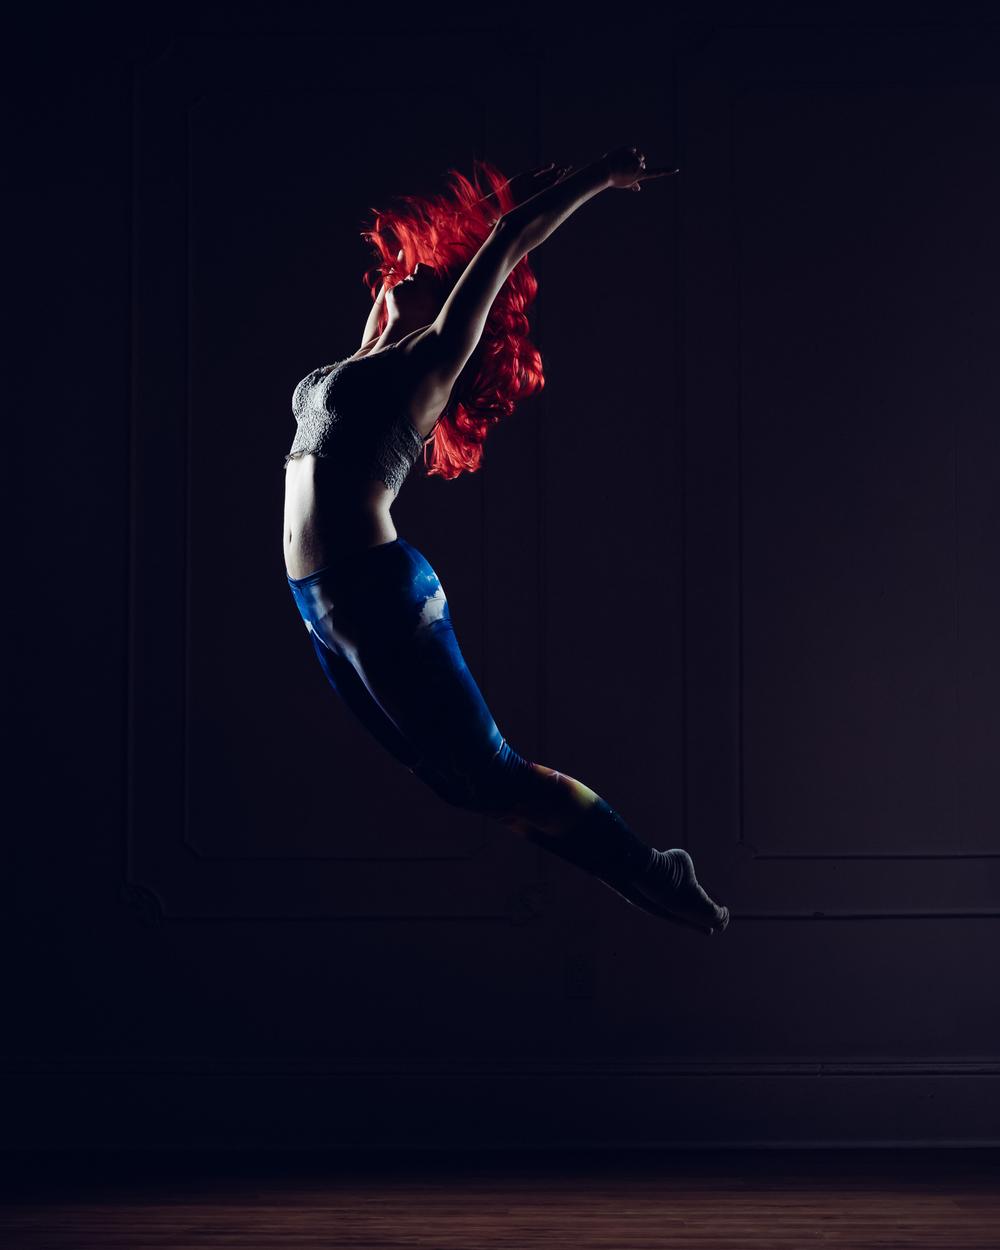 20150430-2015_04_30 Amanda Hobbs Dancing 059.jpg